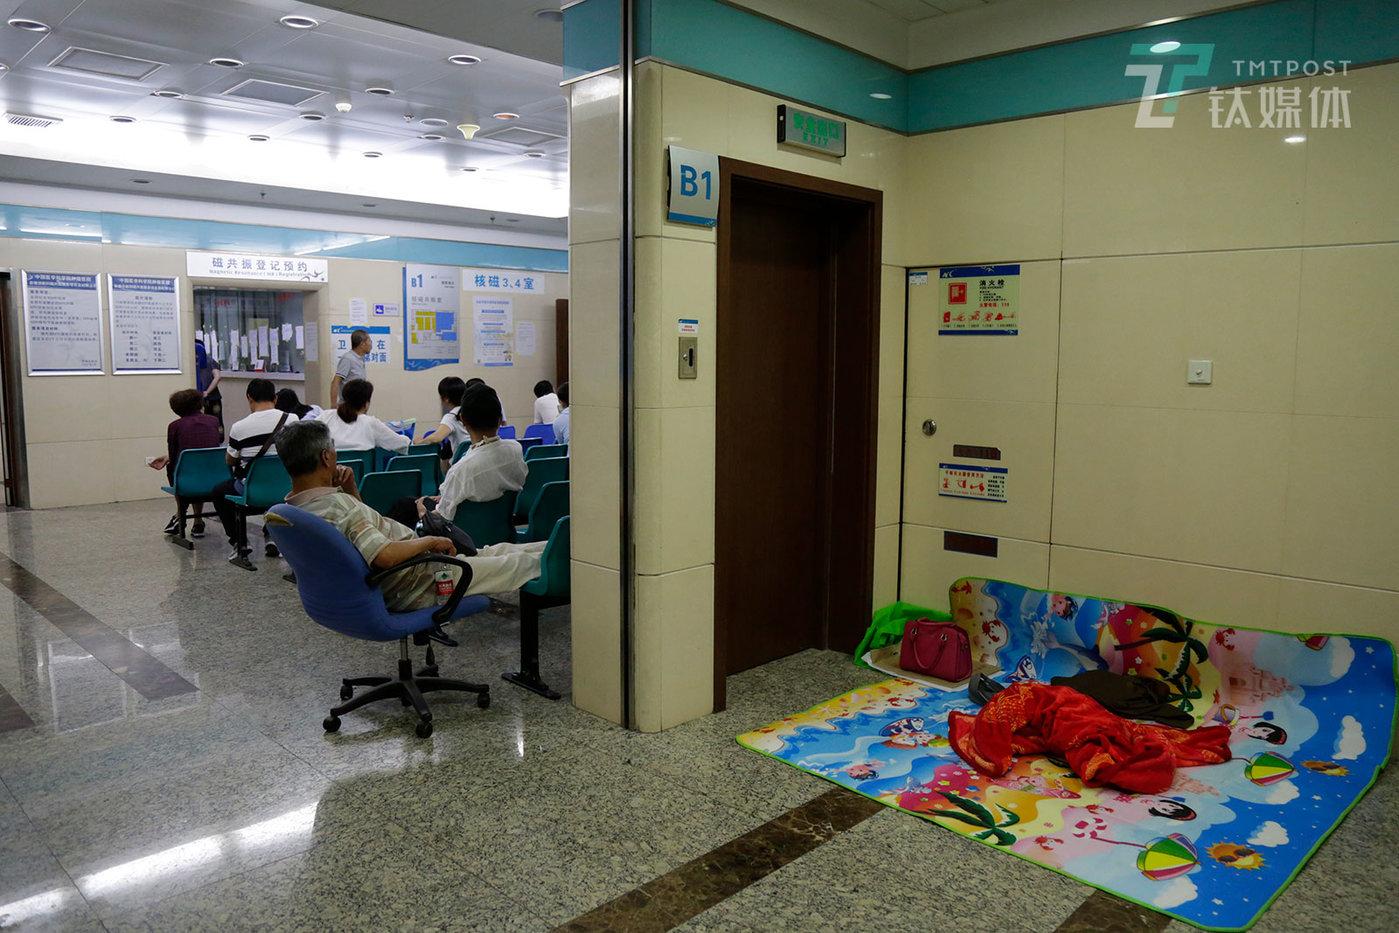 2018年5月30日23:48,北京,中国医学科学院肿瘤医院,患者在等待做核磁,有人打起了地铺。